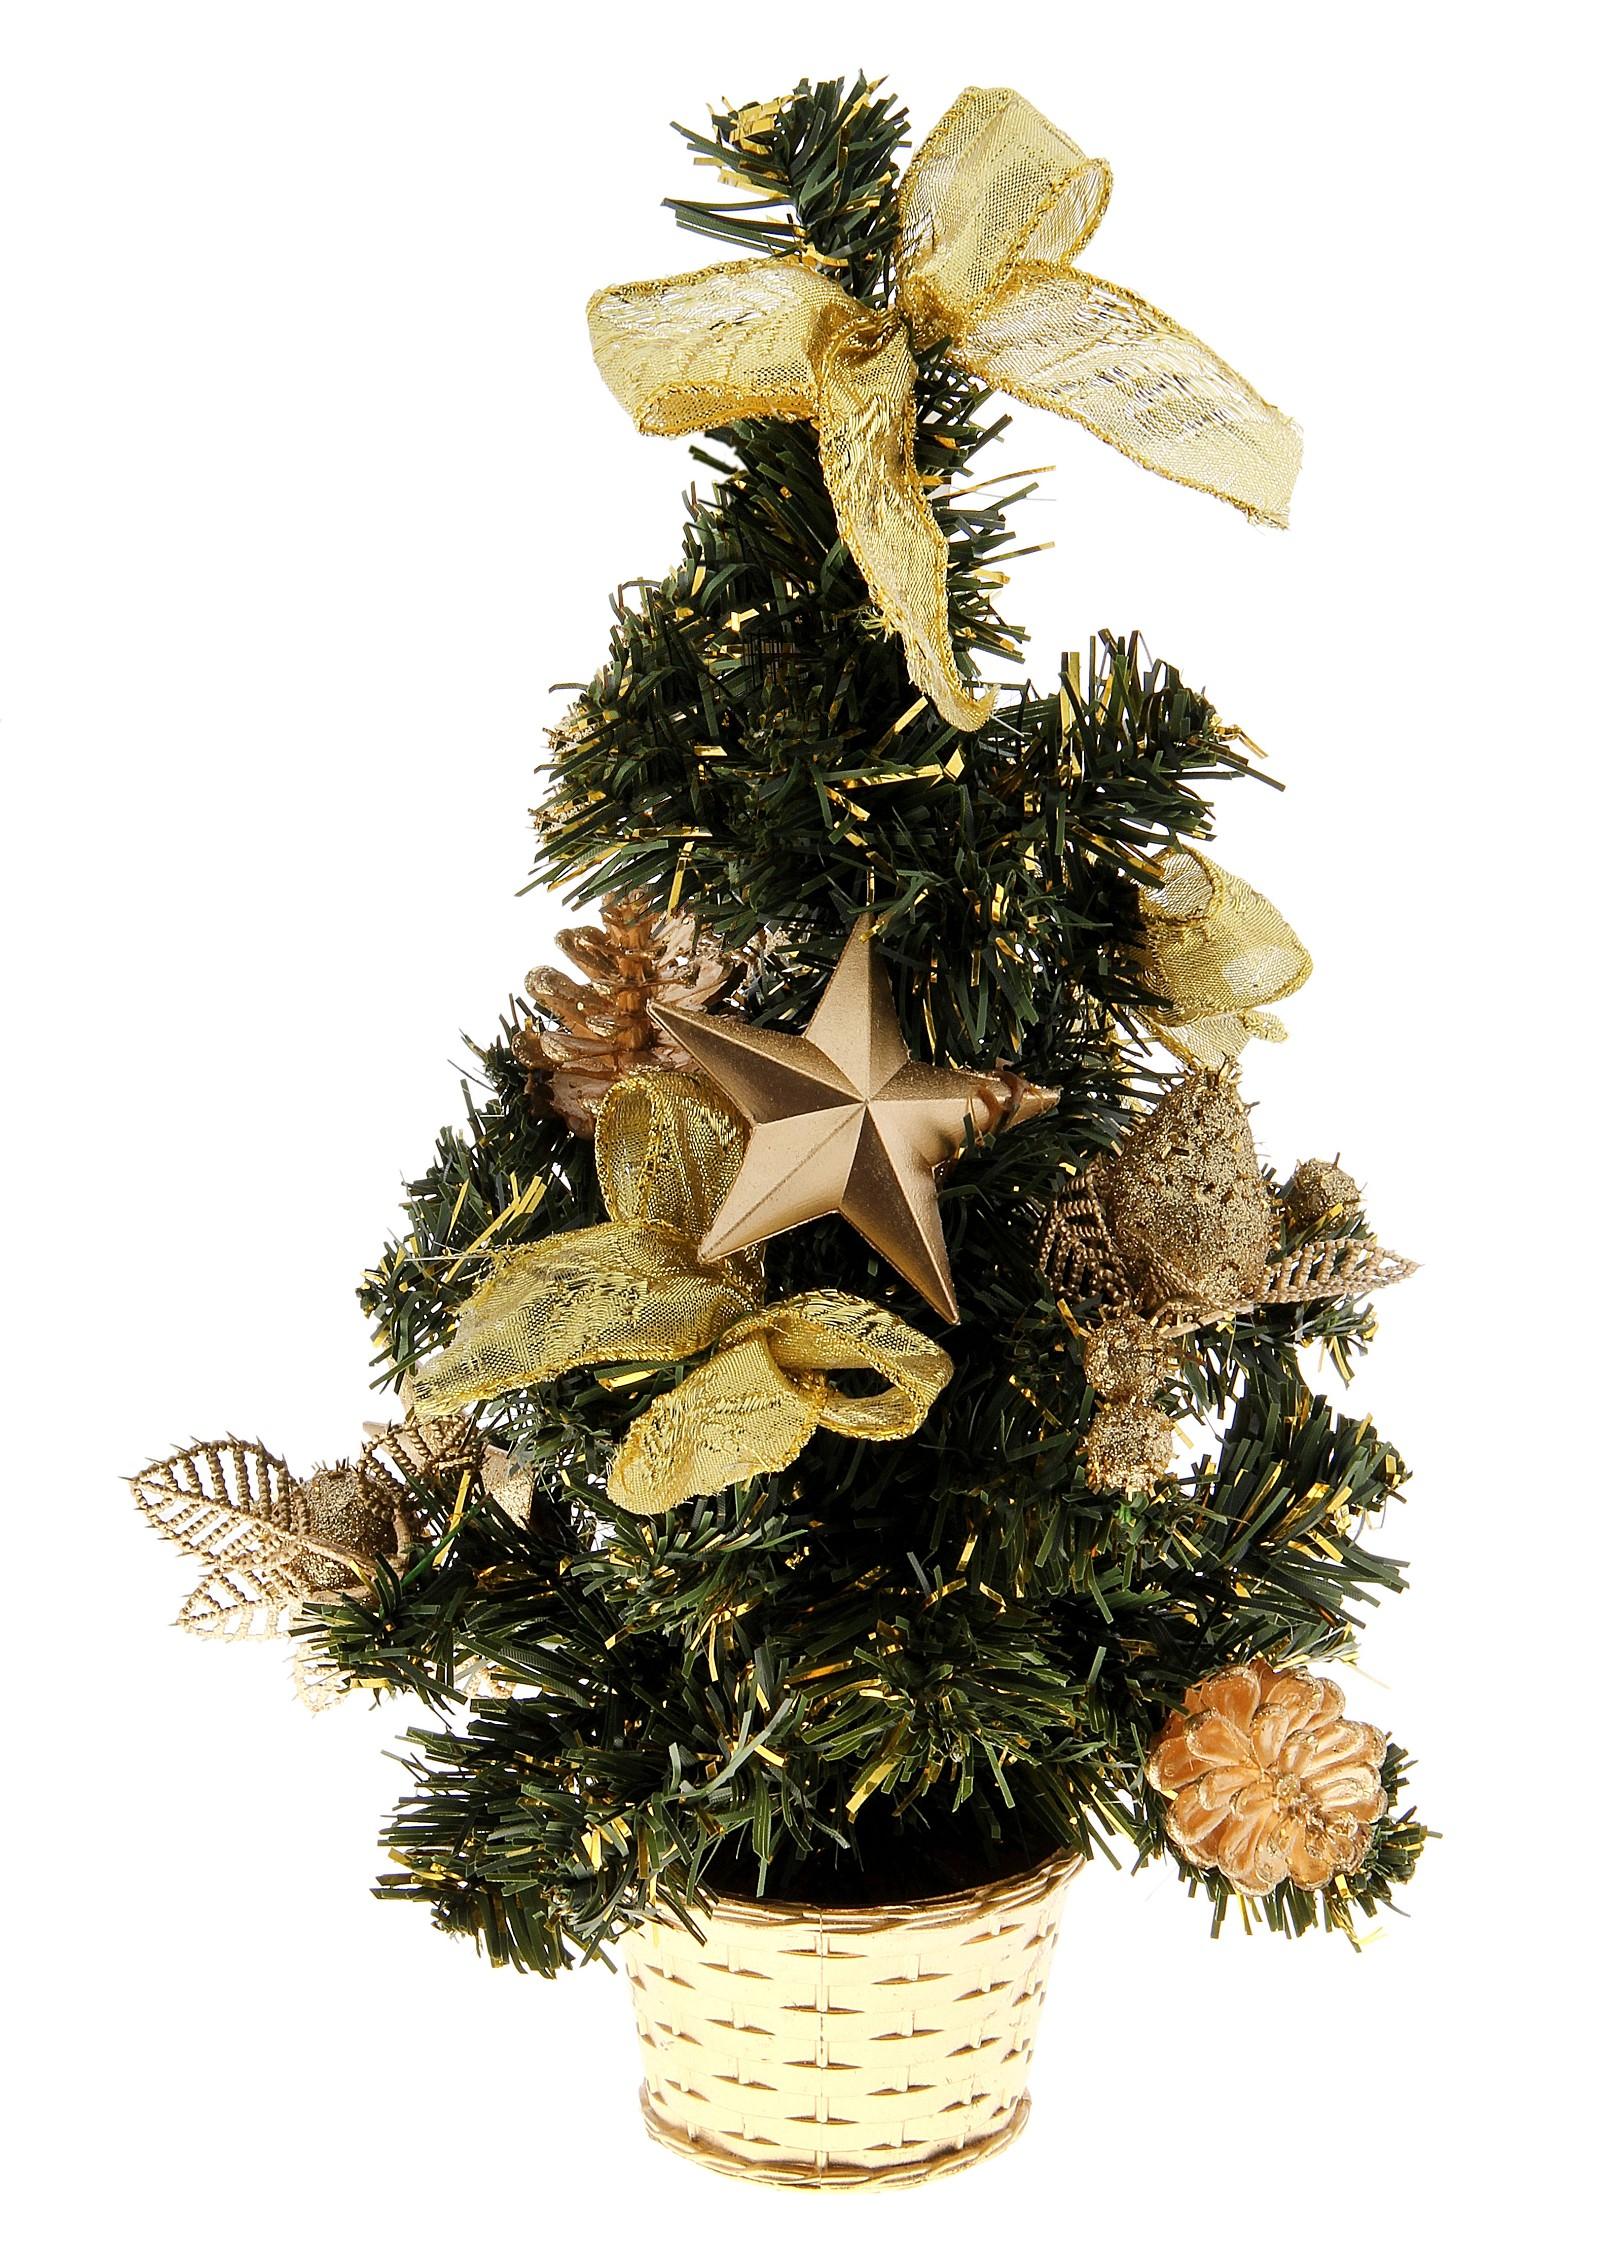 Декоративное украшение Новогодняя елочка. 717970717970Оригинальный дизайн новогодней елки притягивает к себе восторженные взгляды. Елка украшена золотистыми лентами, елочными игрушками, ягодами и шариками. Елка украсит интерьер вашего дома или офиса к Новому году и создаст теплую и уютную атмосферу праздника.Откройте для себя удивительный мир сказок и грез. Почувствуйте волшебные минуты ожидания праздника, создайте новогоднее настроение вашим дорогим и близким. Характеристики: Материал:пластик. Высота елки:30 см. Изготовитель:Китай. Артикул:717970.